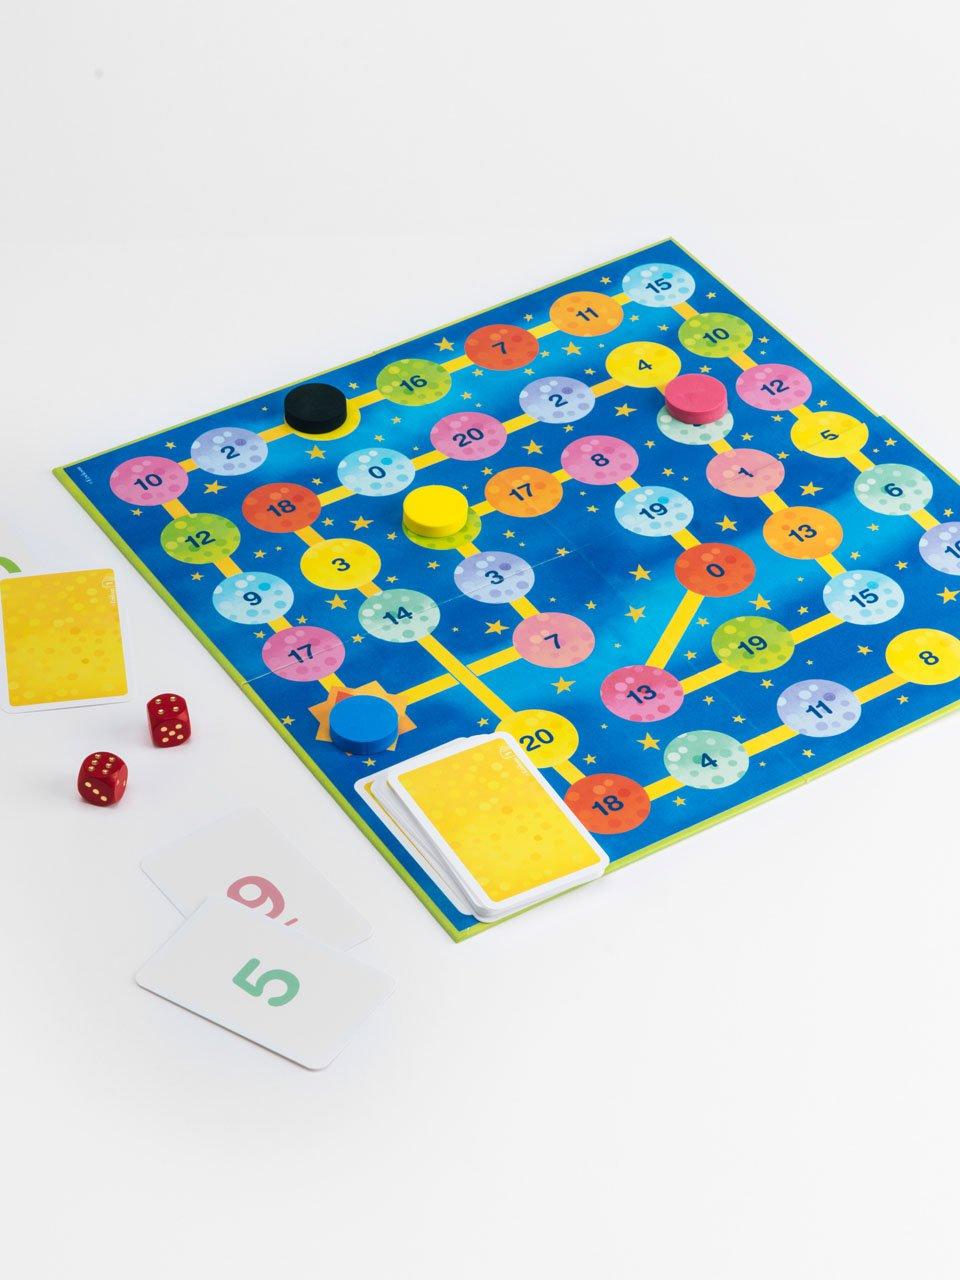 La valigetta di matematica della Maestra Larissa - Giochi - Erickson 3